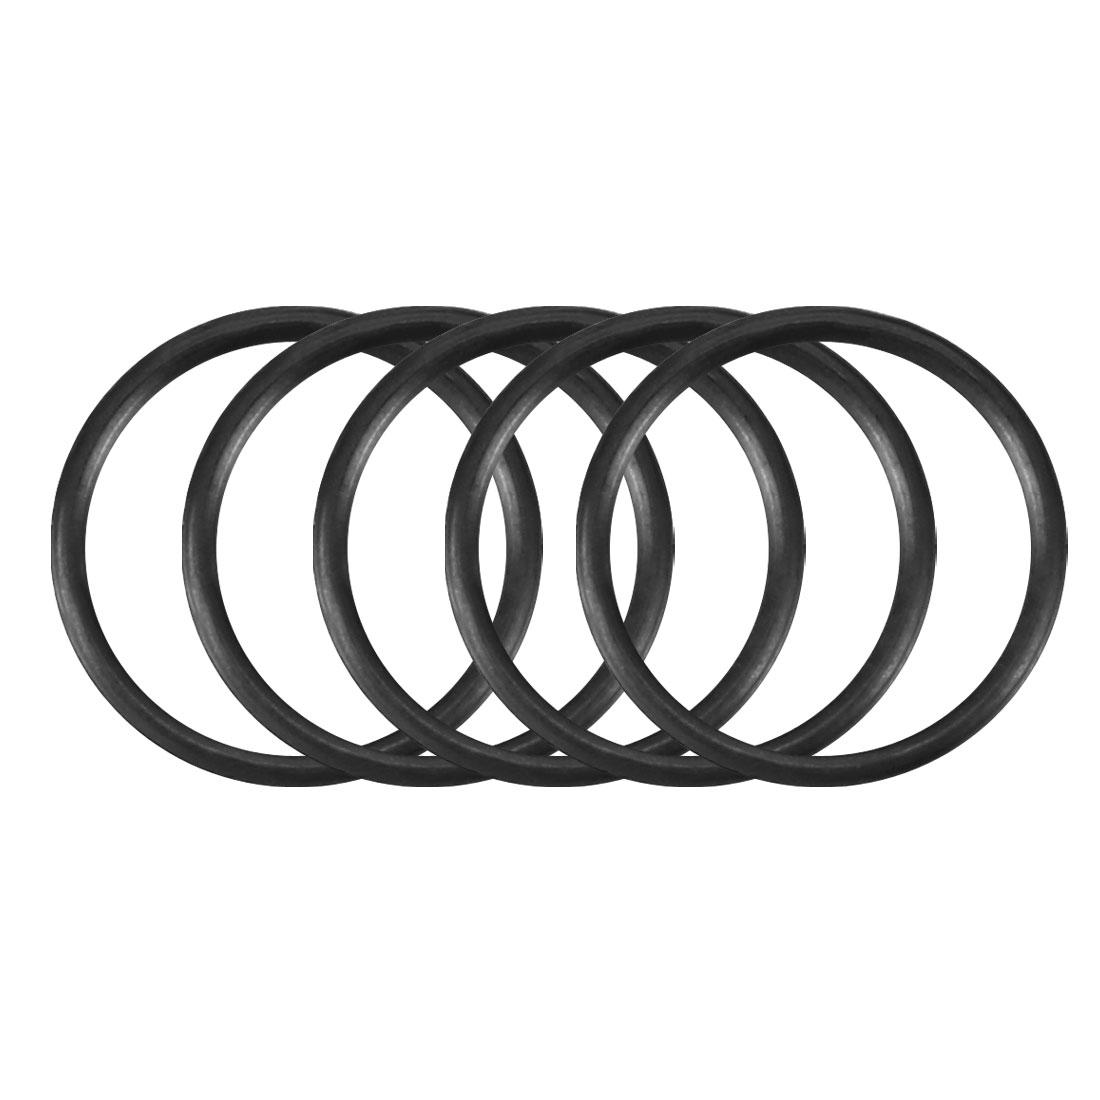 50pcs Black Nitrile Butadiene Rubber NBR O-Ring 6.8mm Inner Dia 0.6mm Width